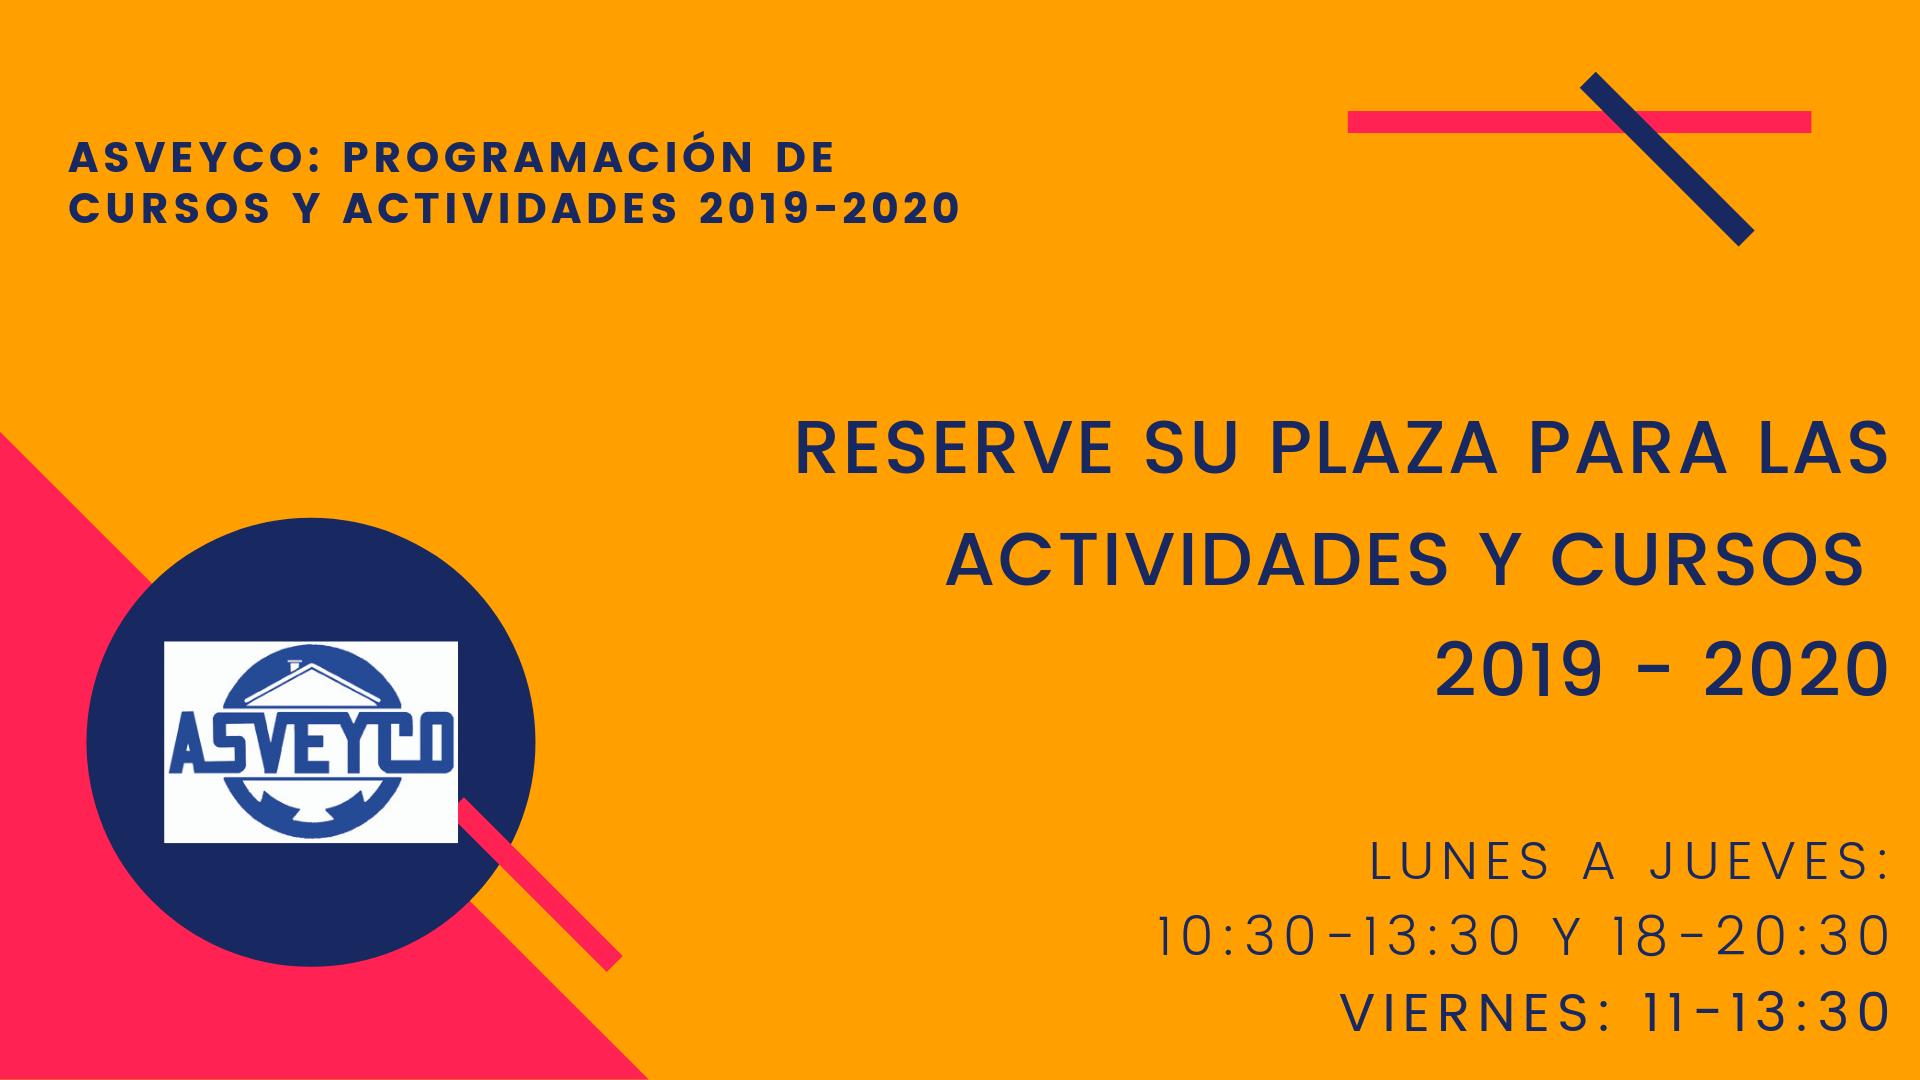 Cursos 2019 - 2020